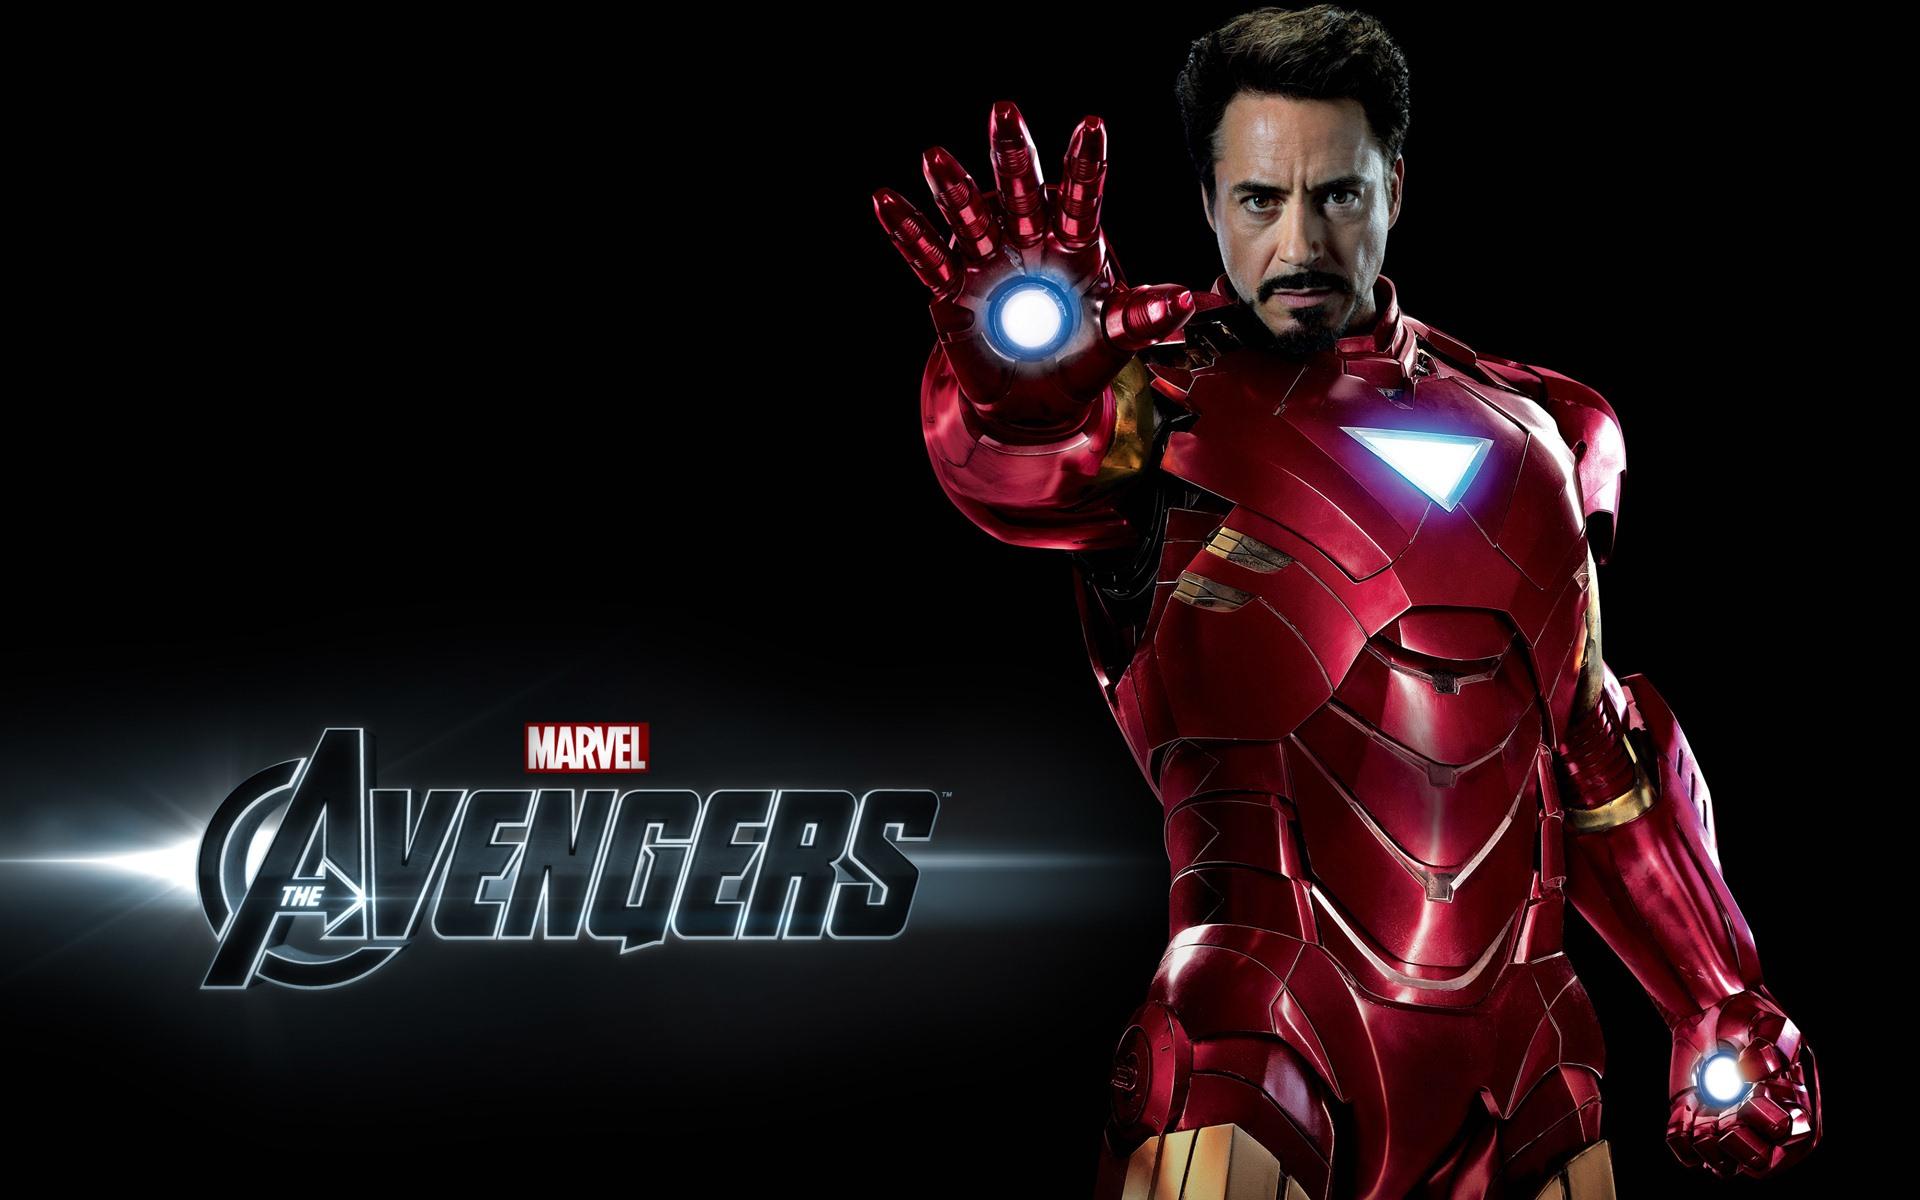 The Avengers 2012 Wallpaper 4 HD Desktop Wallpapers 1920x1200